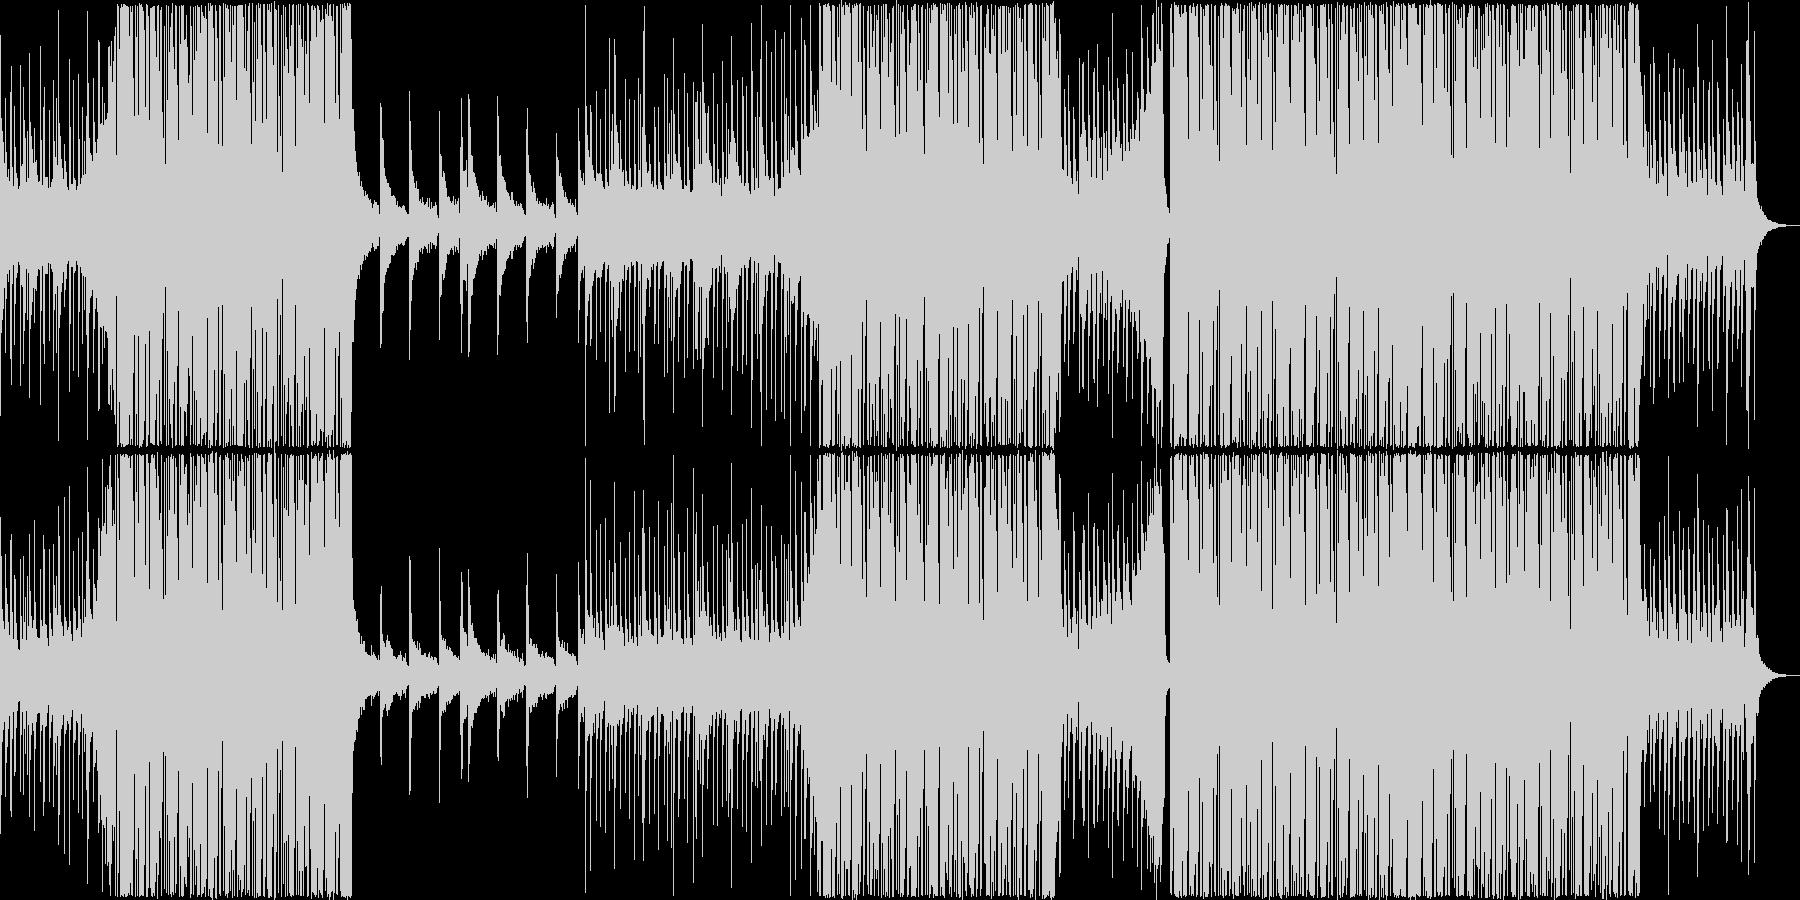 パーティーチューンなトロピカルハウス#2の未再生の波形